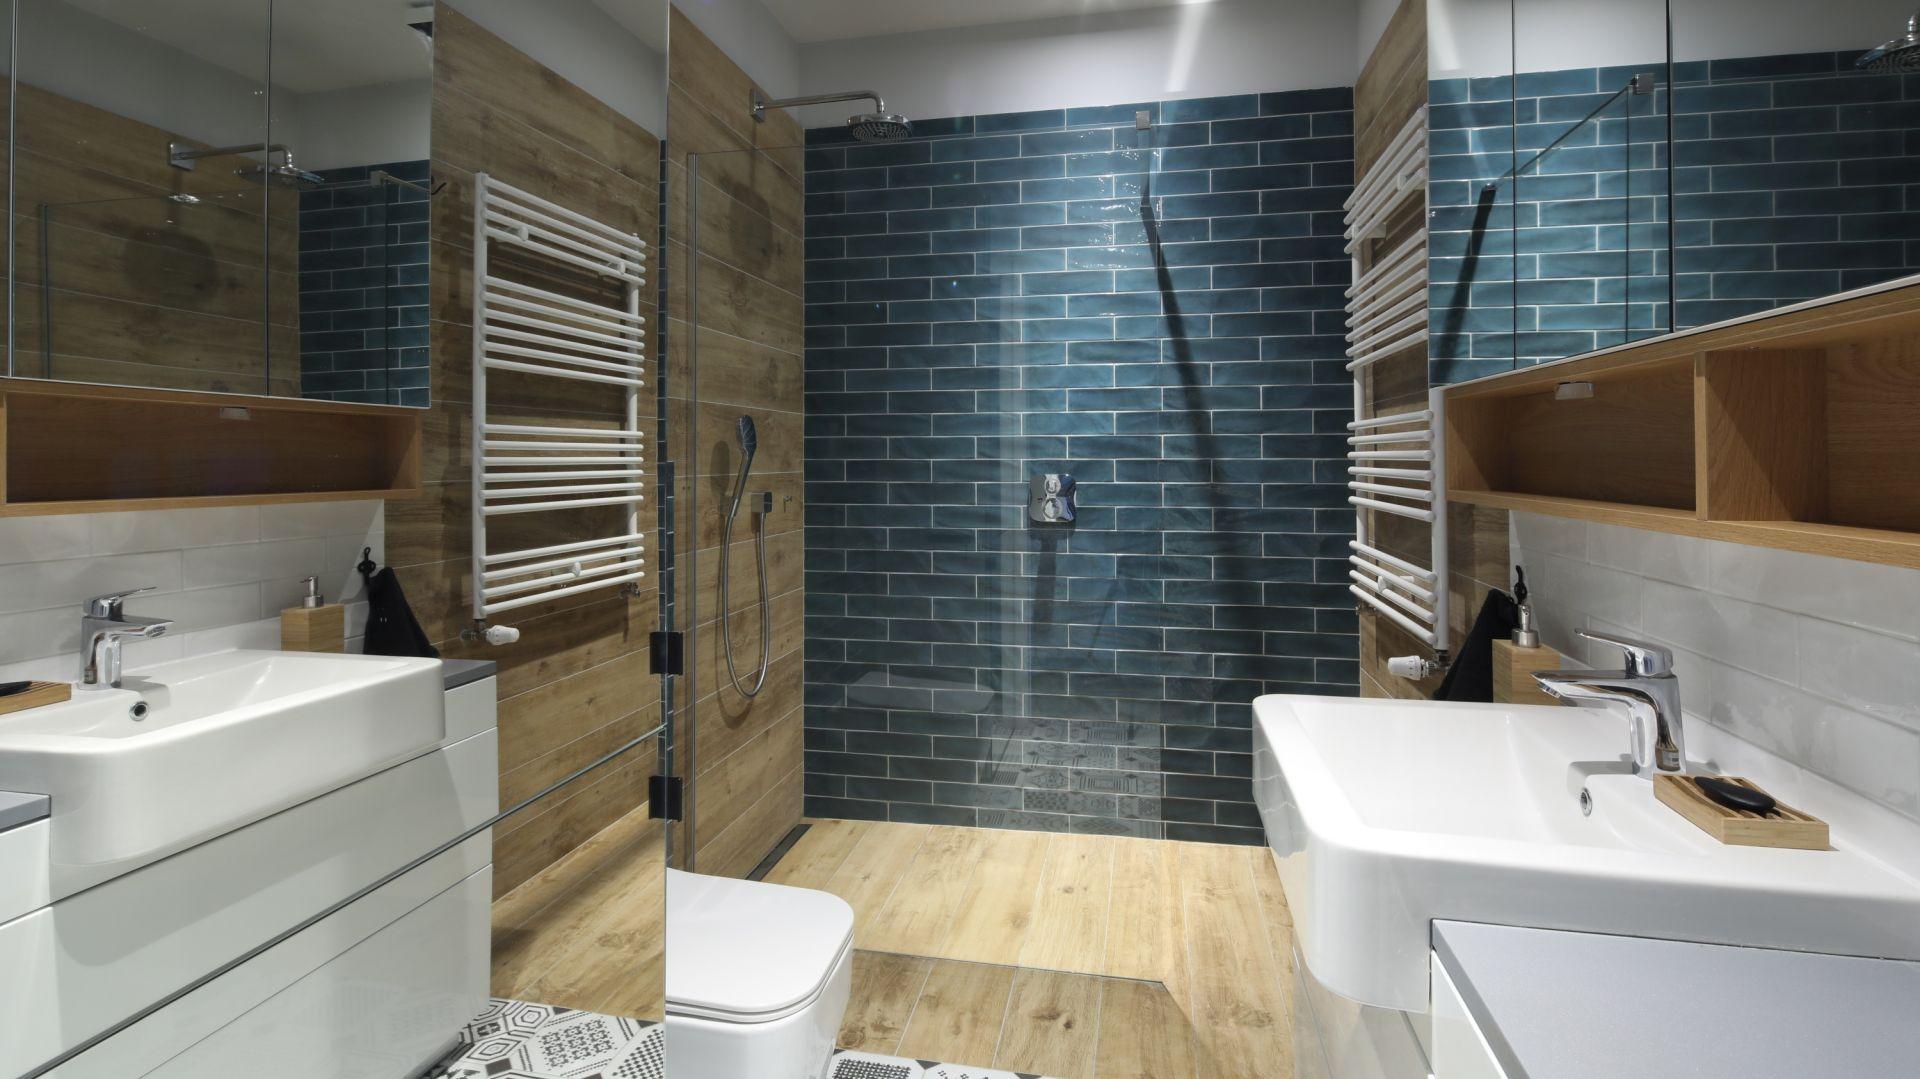 Dekoracyjne kafle w strefie prysznica robią wygląd całej łazienki. Projekt Maciejka Peszyńska-Drews. Fot. Bartosz Jarosz